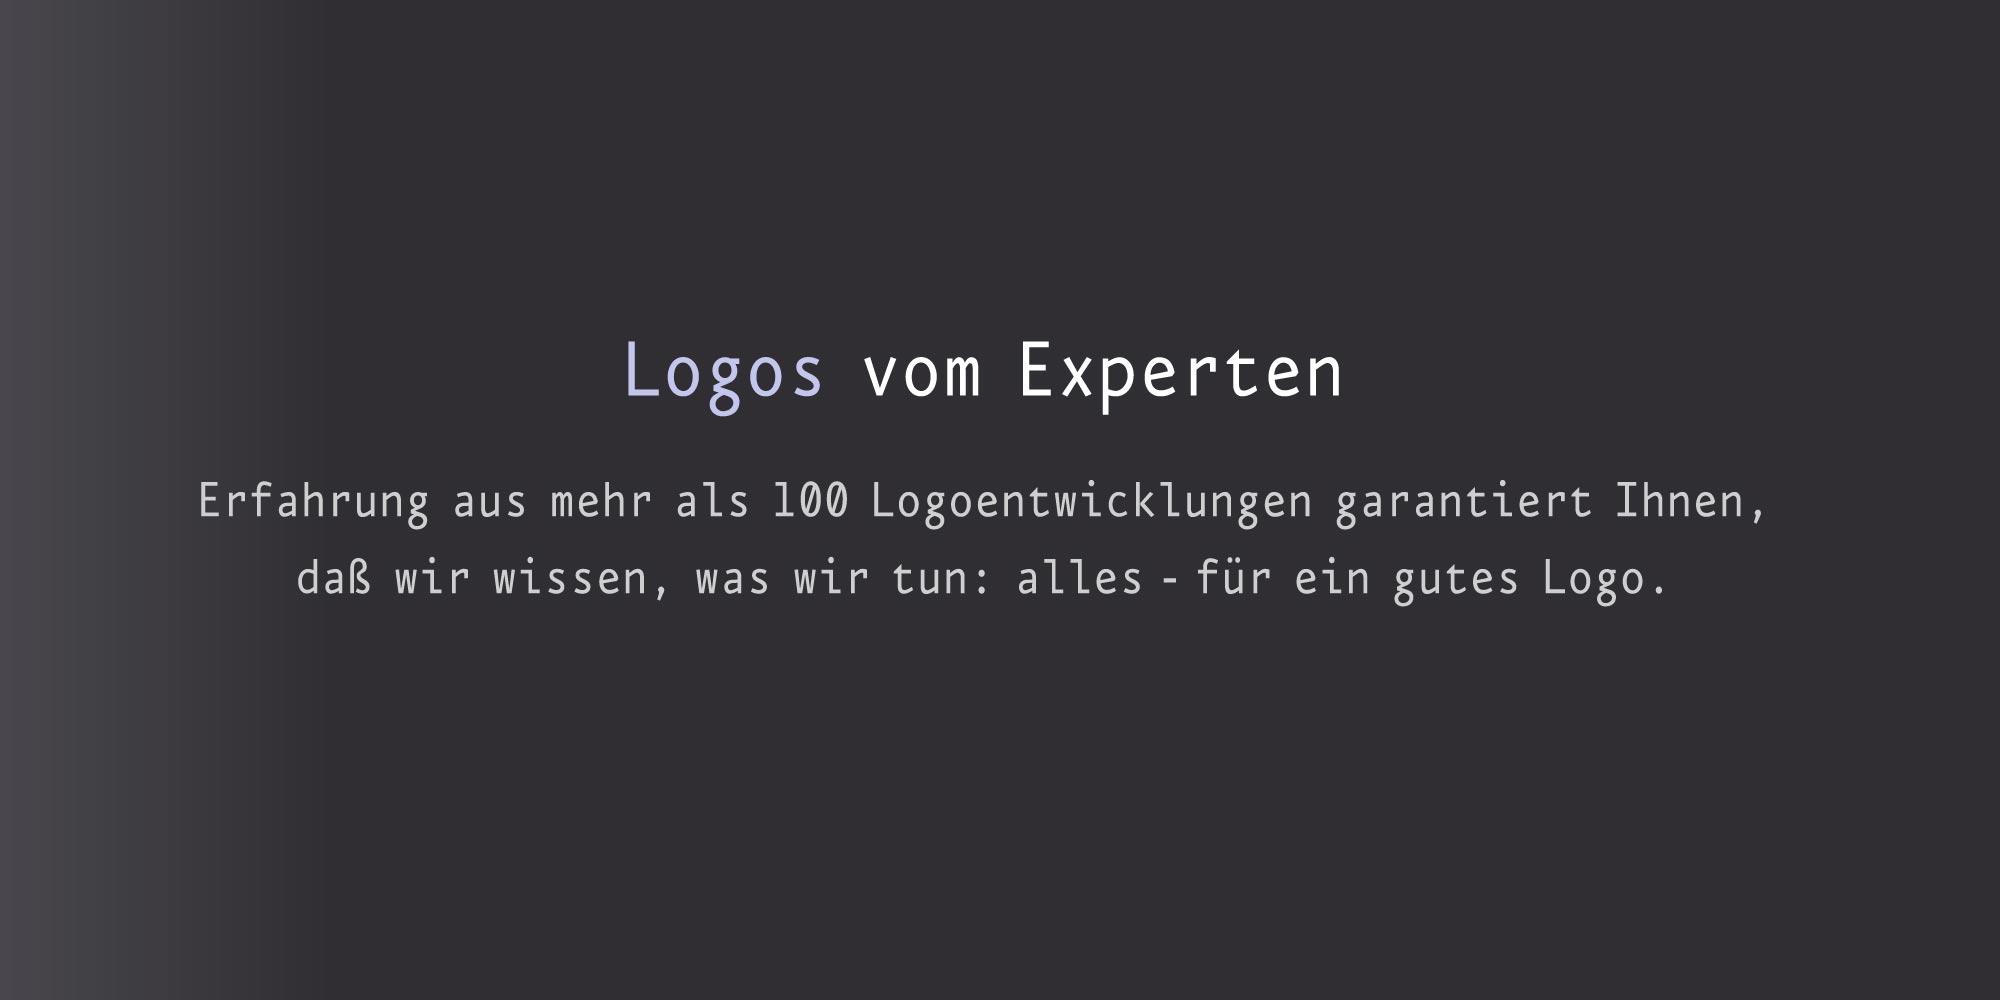 Logos vom Experten professionelle Firmenlogos vom Logodesigner